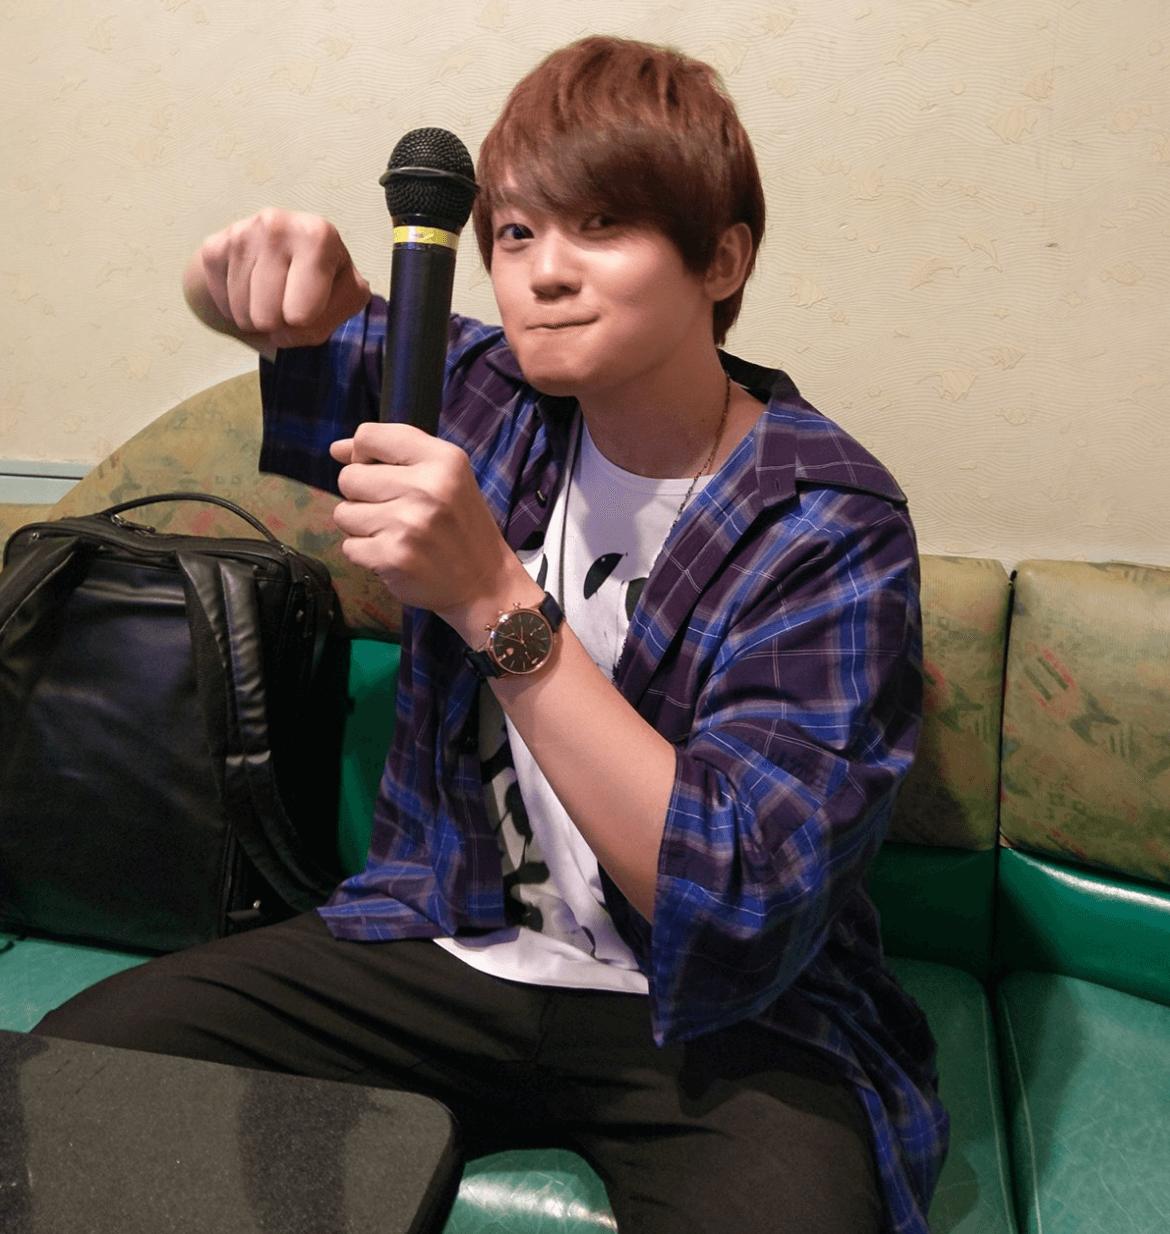 【声優】天崎滉平のラップや演技力がすごい!年齢や出演キャラと性格が天然すぎる件